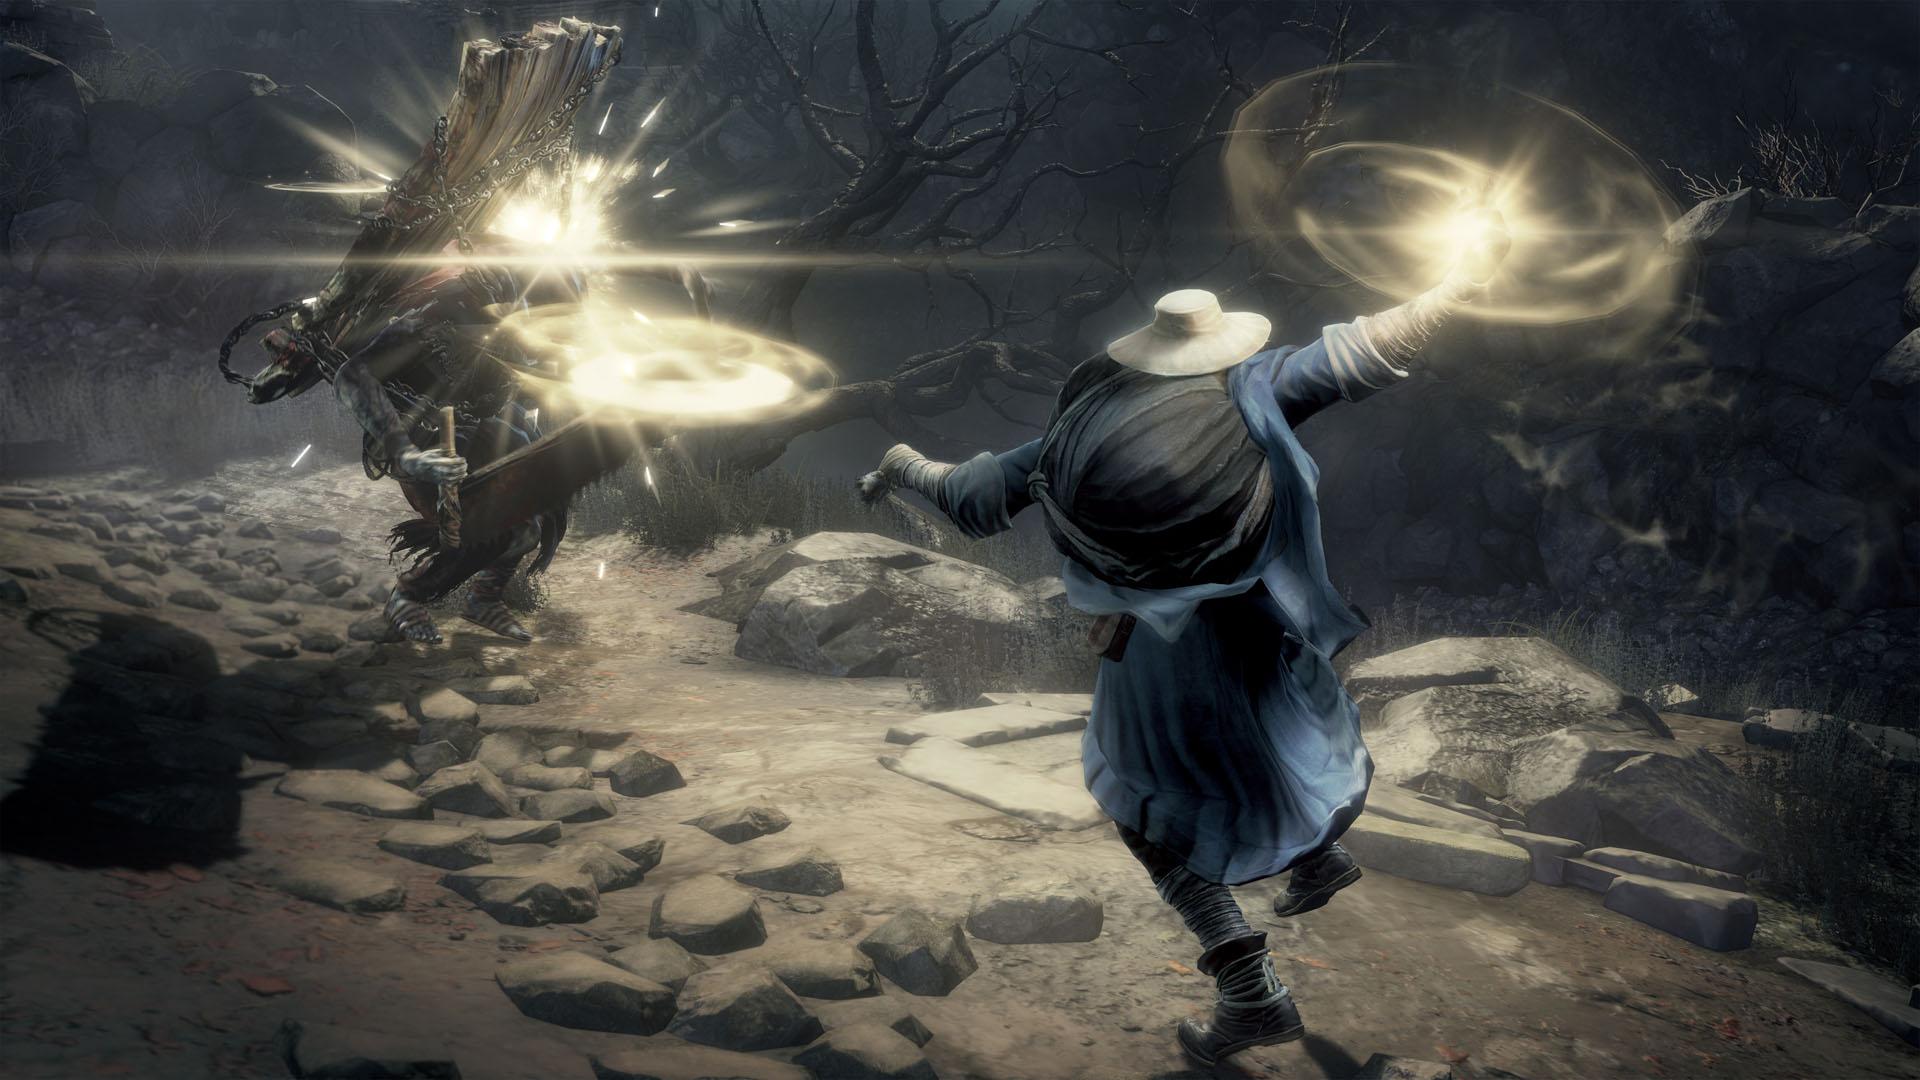 DARK SOULS III Ashes of Ariandel Screenshot 4